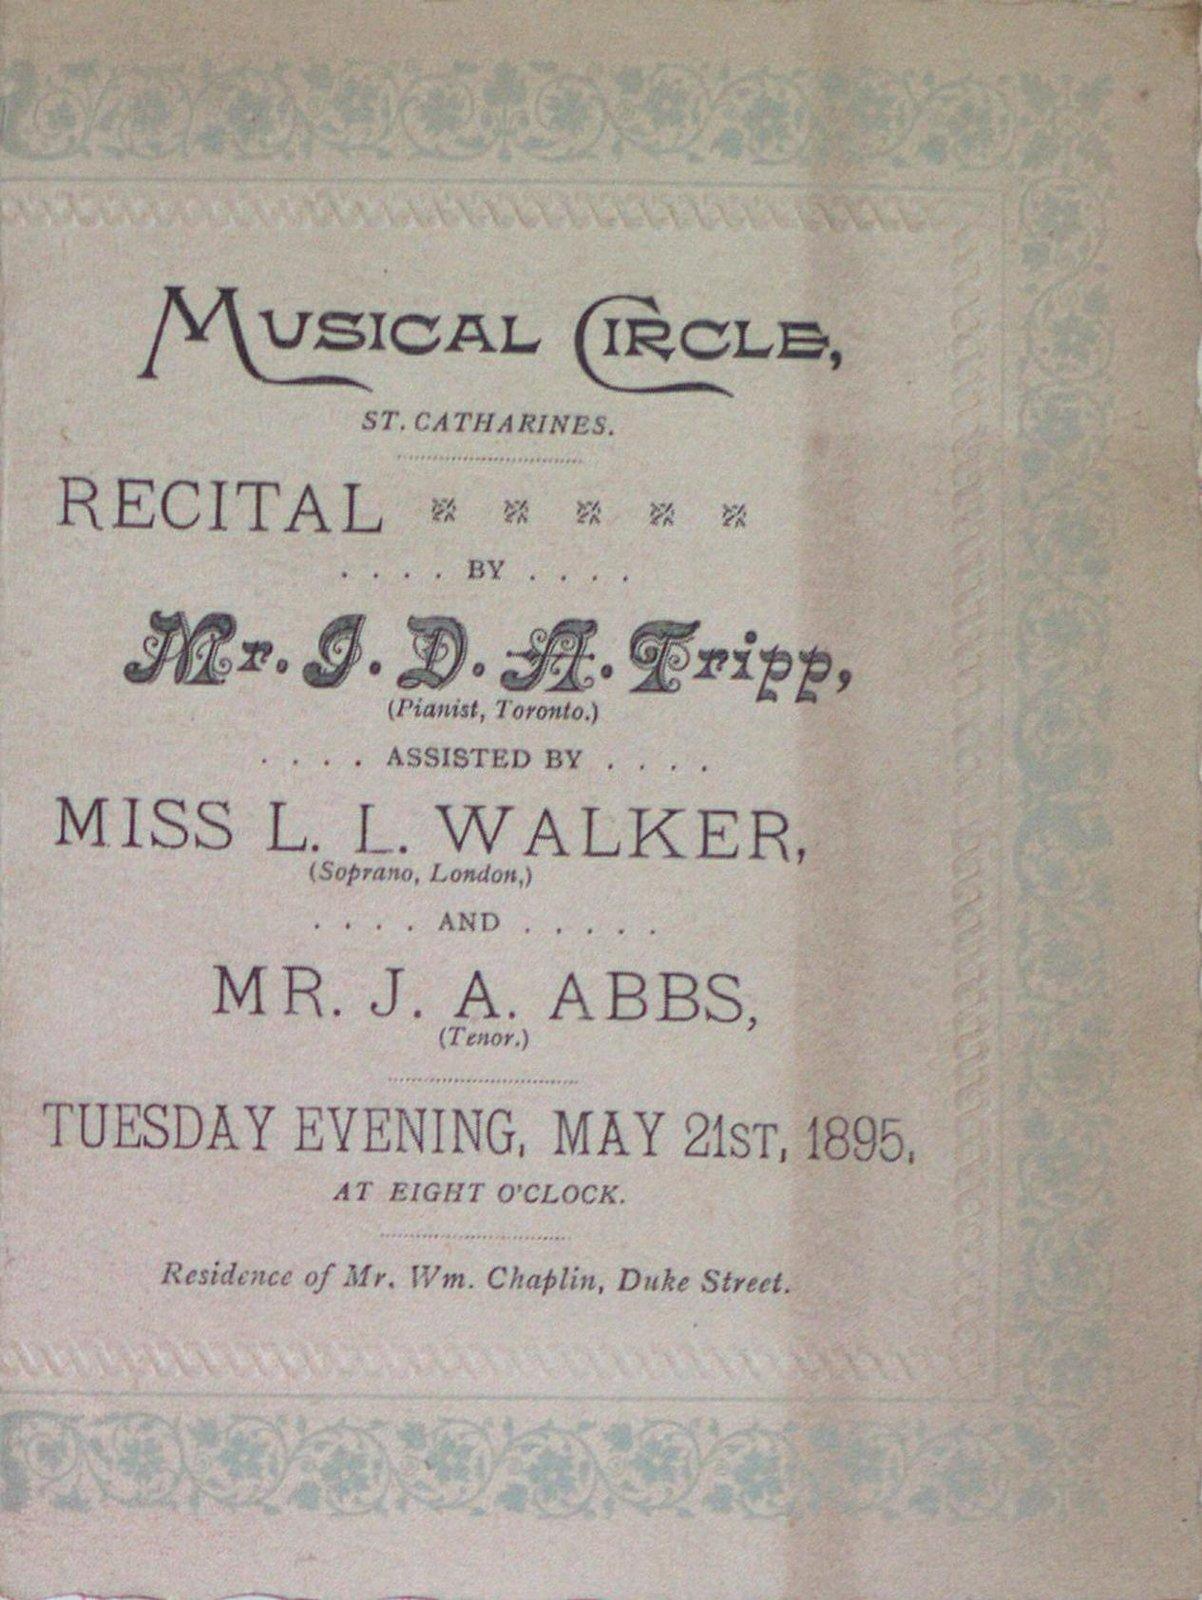 Teresa Vanderburgh's Musical Scrapbook #1 - Musical Circle Recital Program